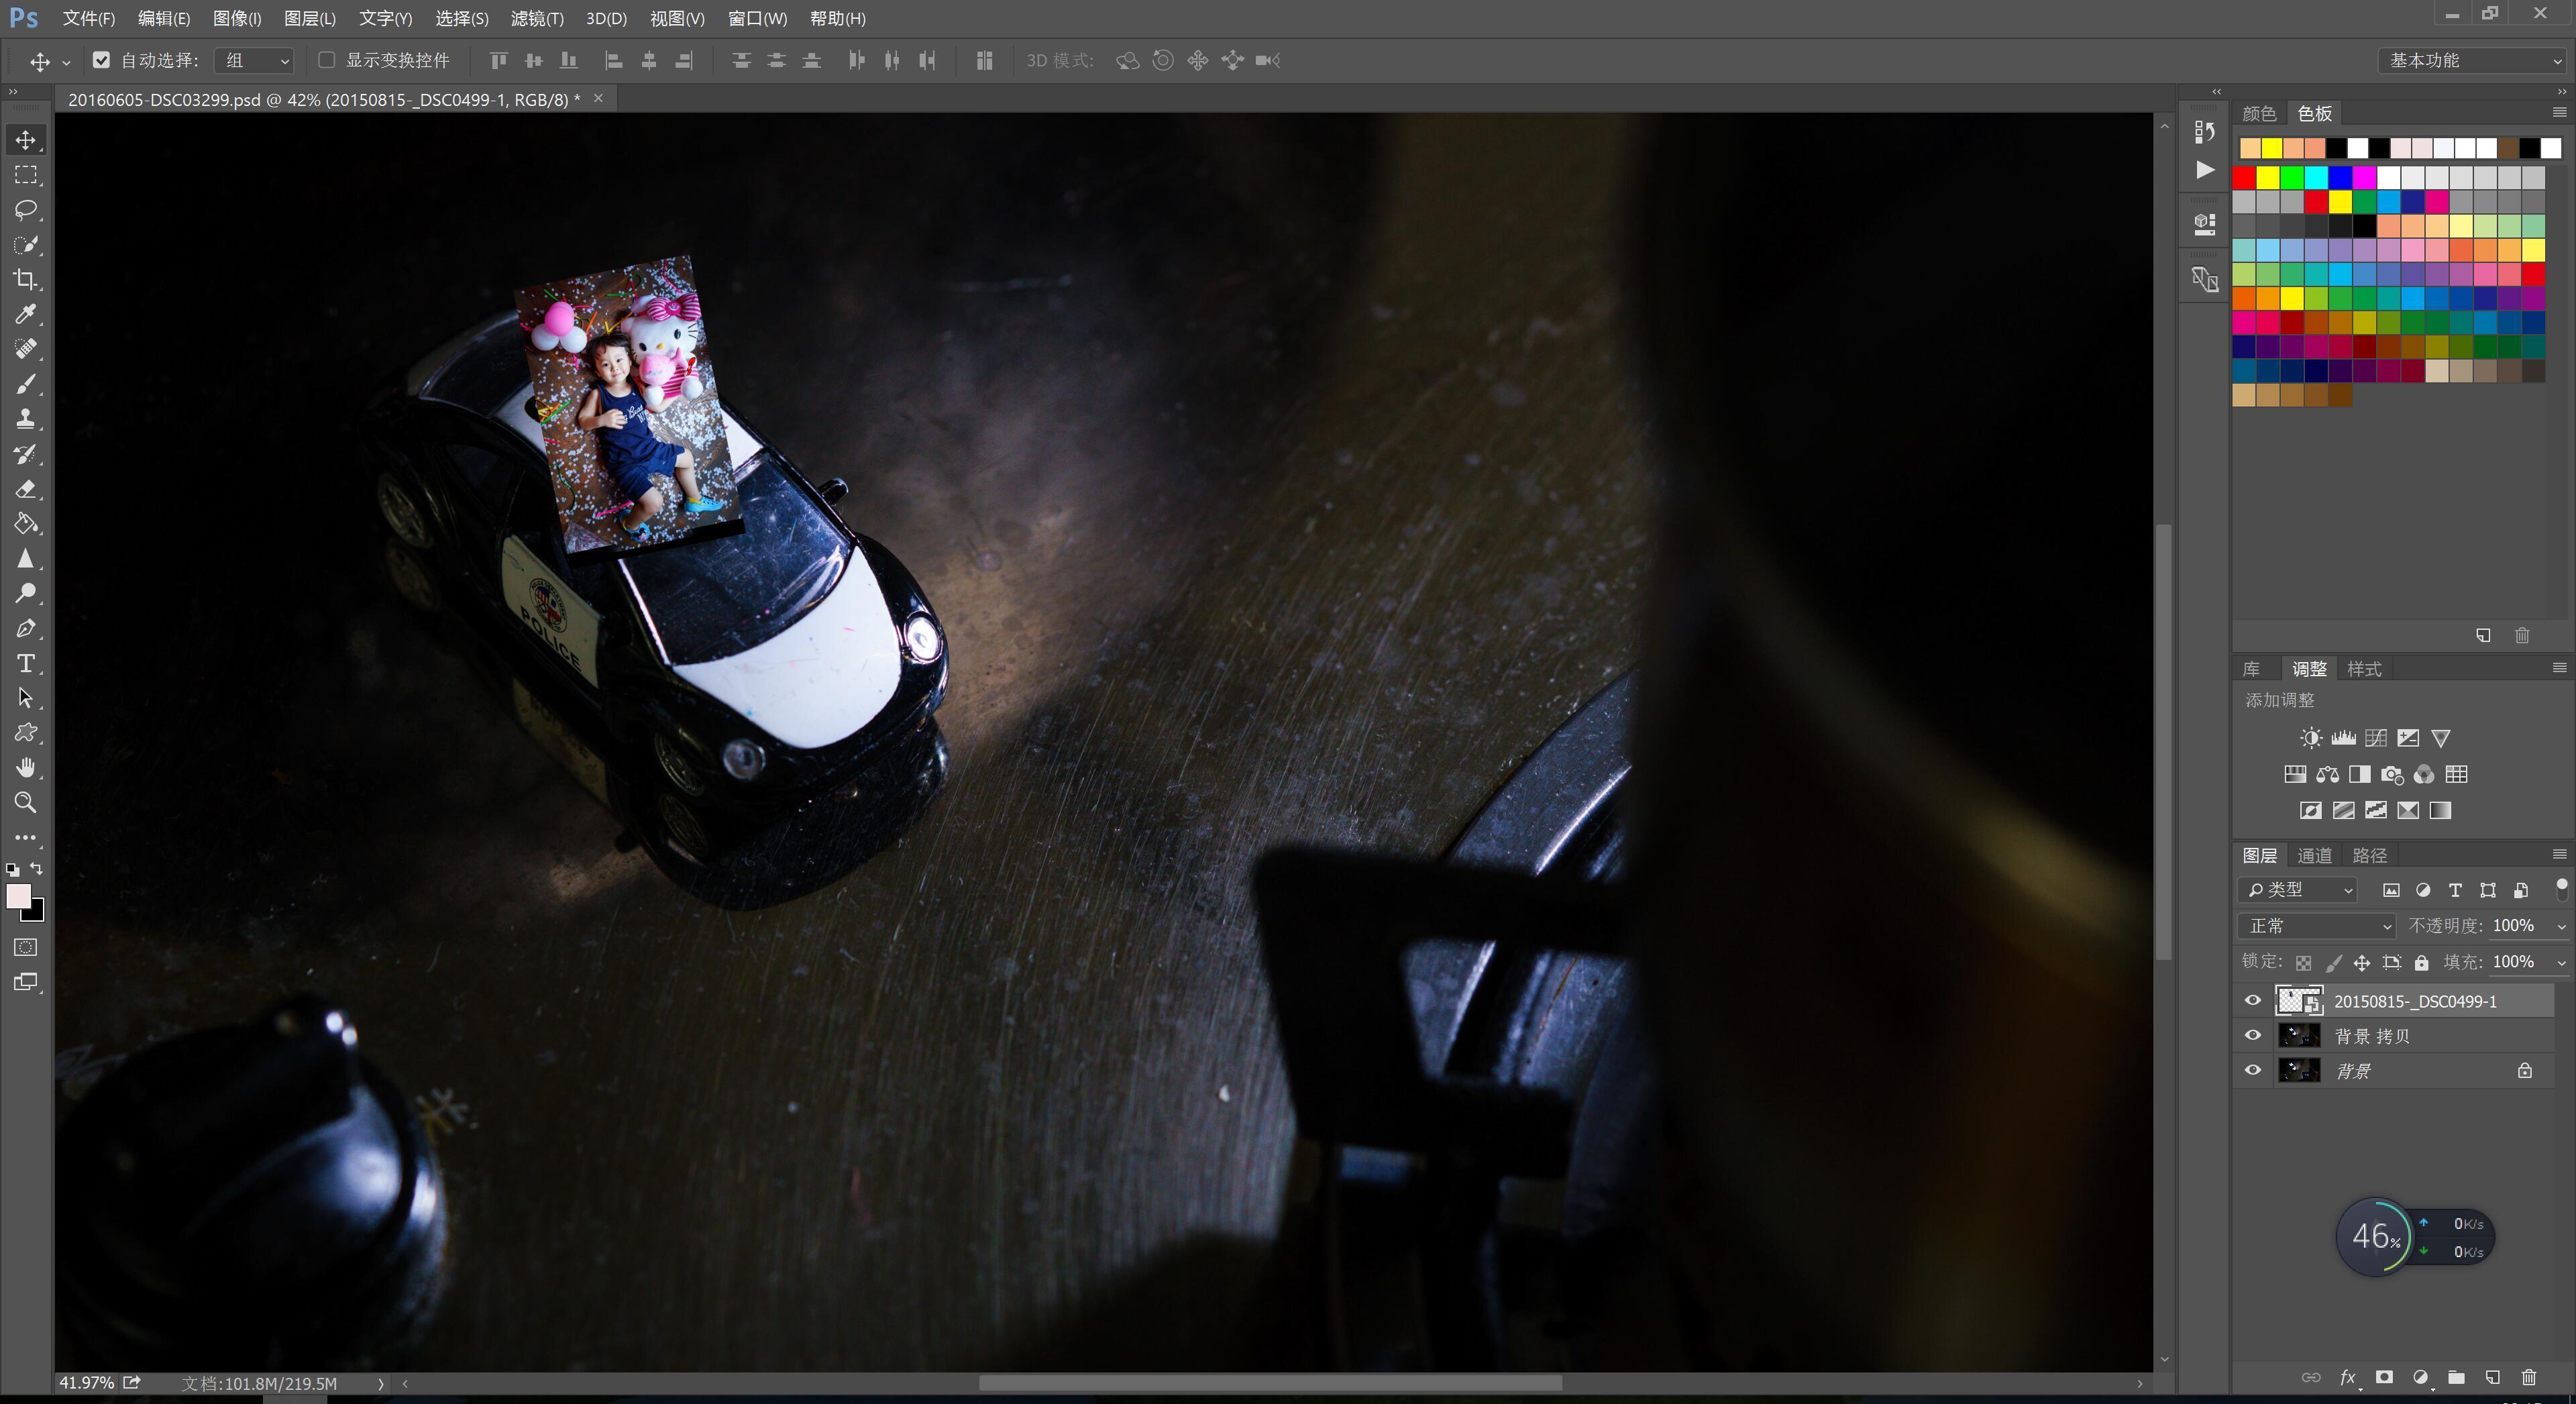 摄影师胡渣分享 小人国主题儿童后期摄影教程